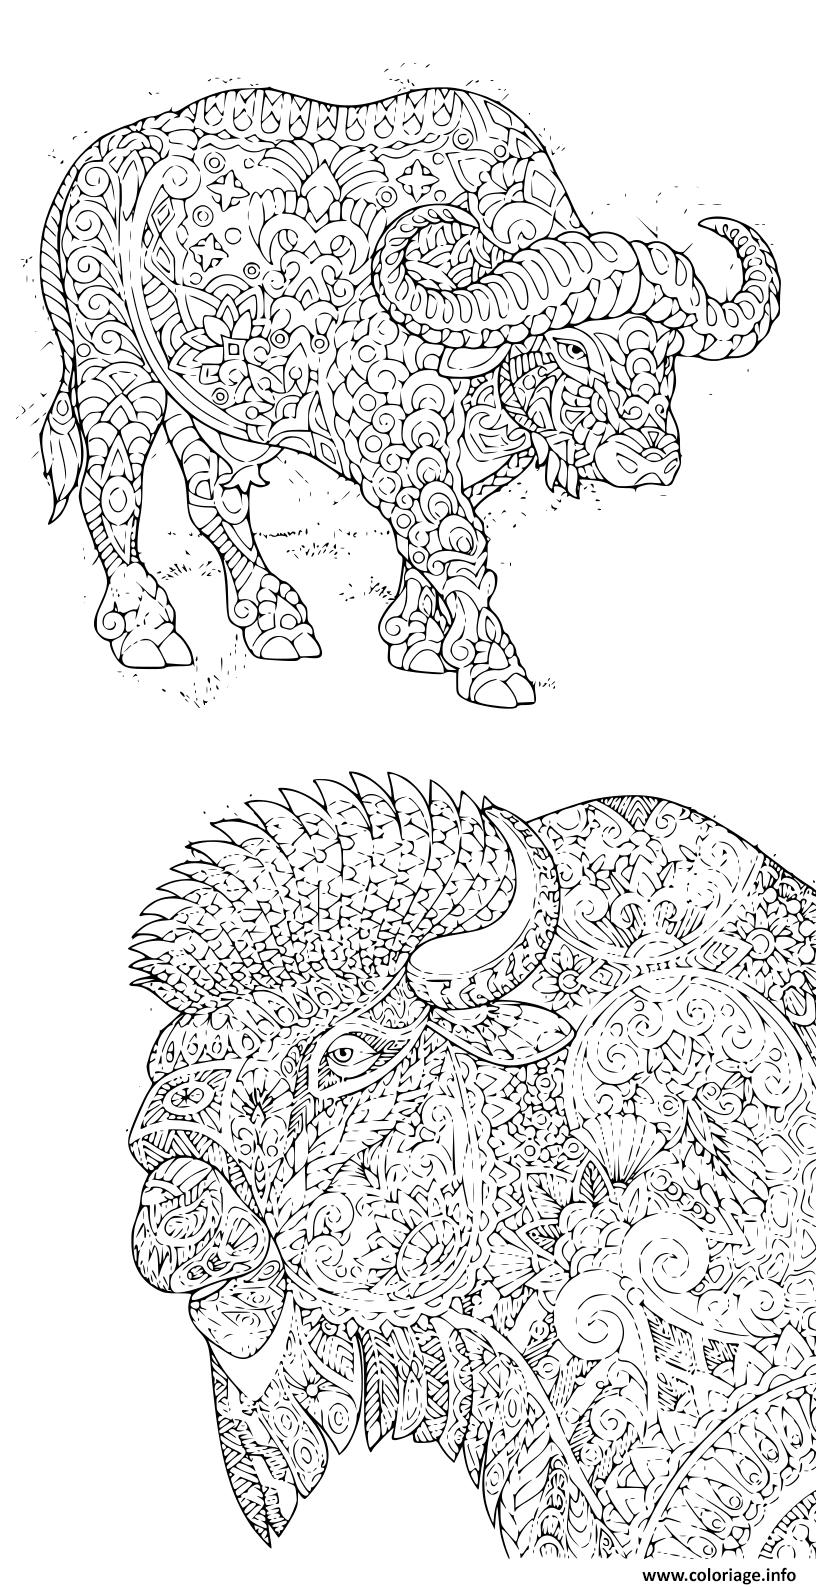 Dessin adultes avec bisons antistress Coloriage Gratuit à Imprimer